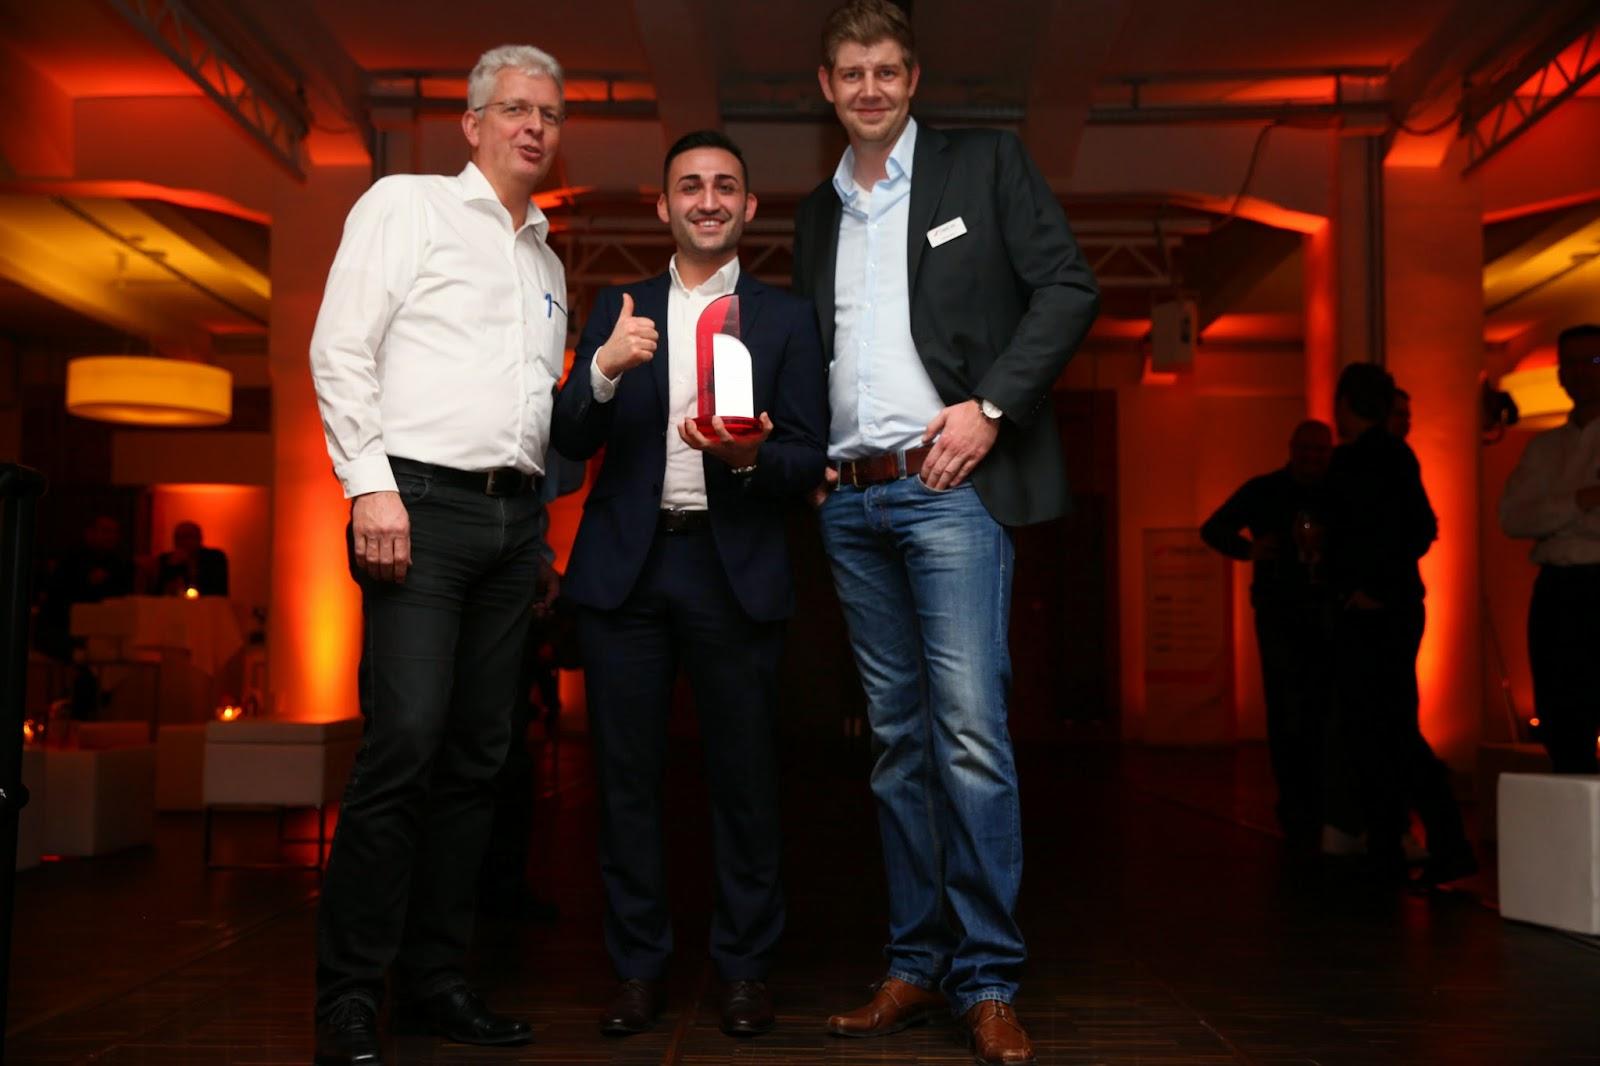 Die Ausgezeichneten: DataCore Awards für Channel Partner